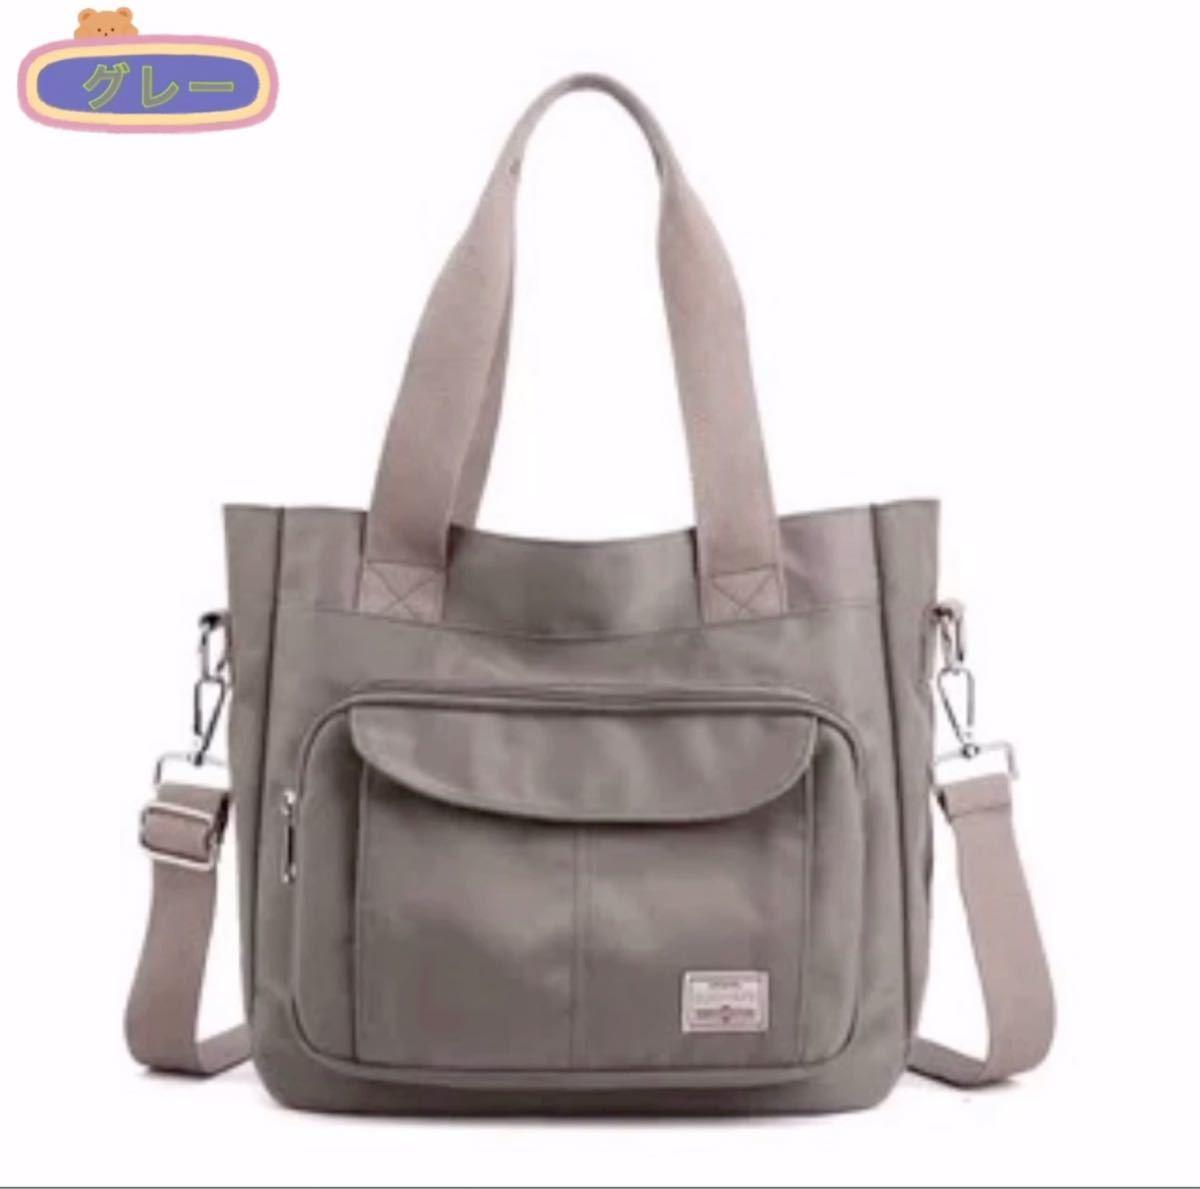 ショルダーバッグ トートバッグ 2way 大容量 多機能 通勤通学バッグ ナイロン 楽々 男女兼用 撥水加工 グレー